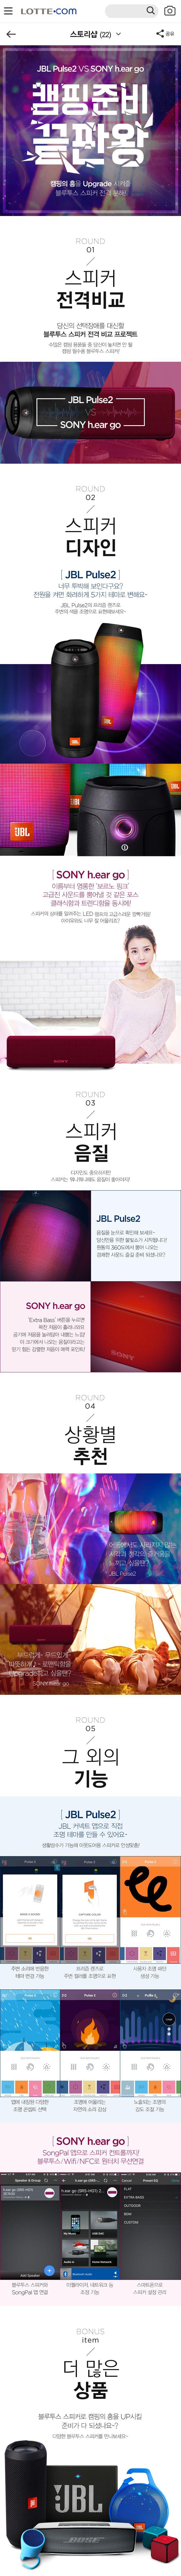 ::::롯데닷컴 스토리샵::::: 블루투스 스피커 Designed by 신현정